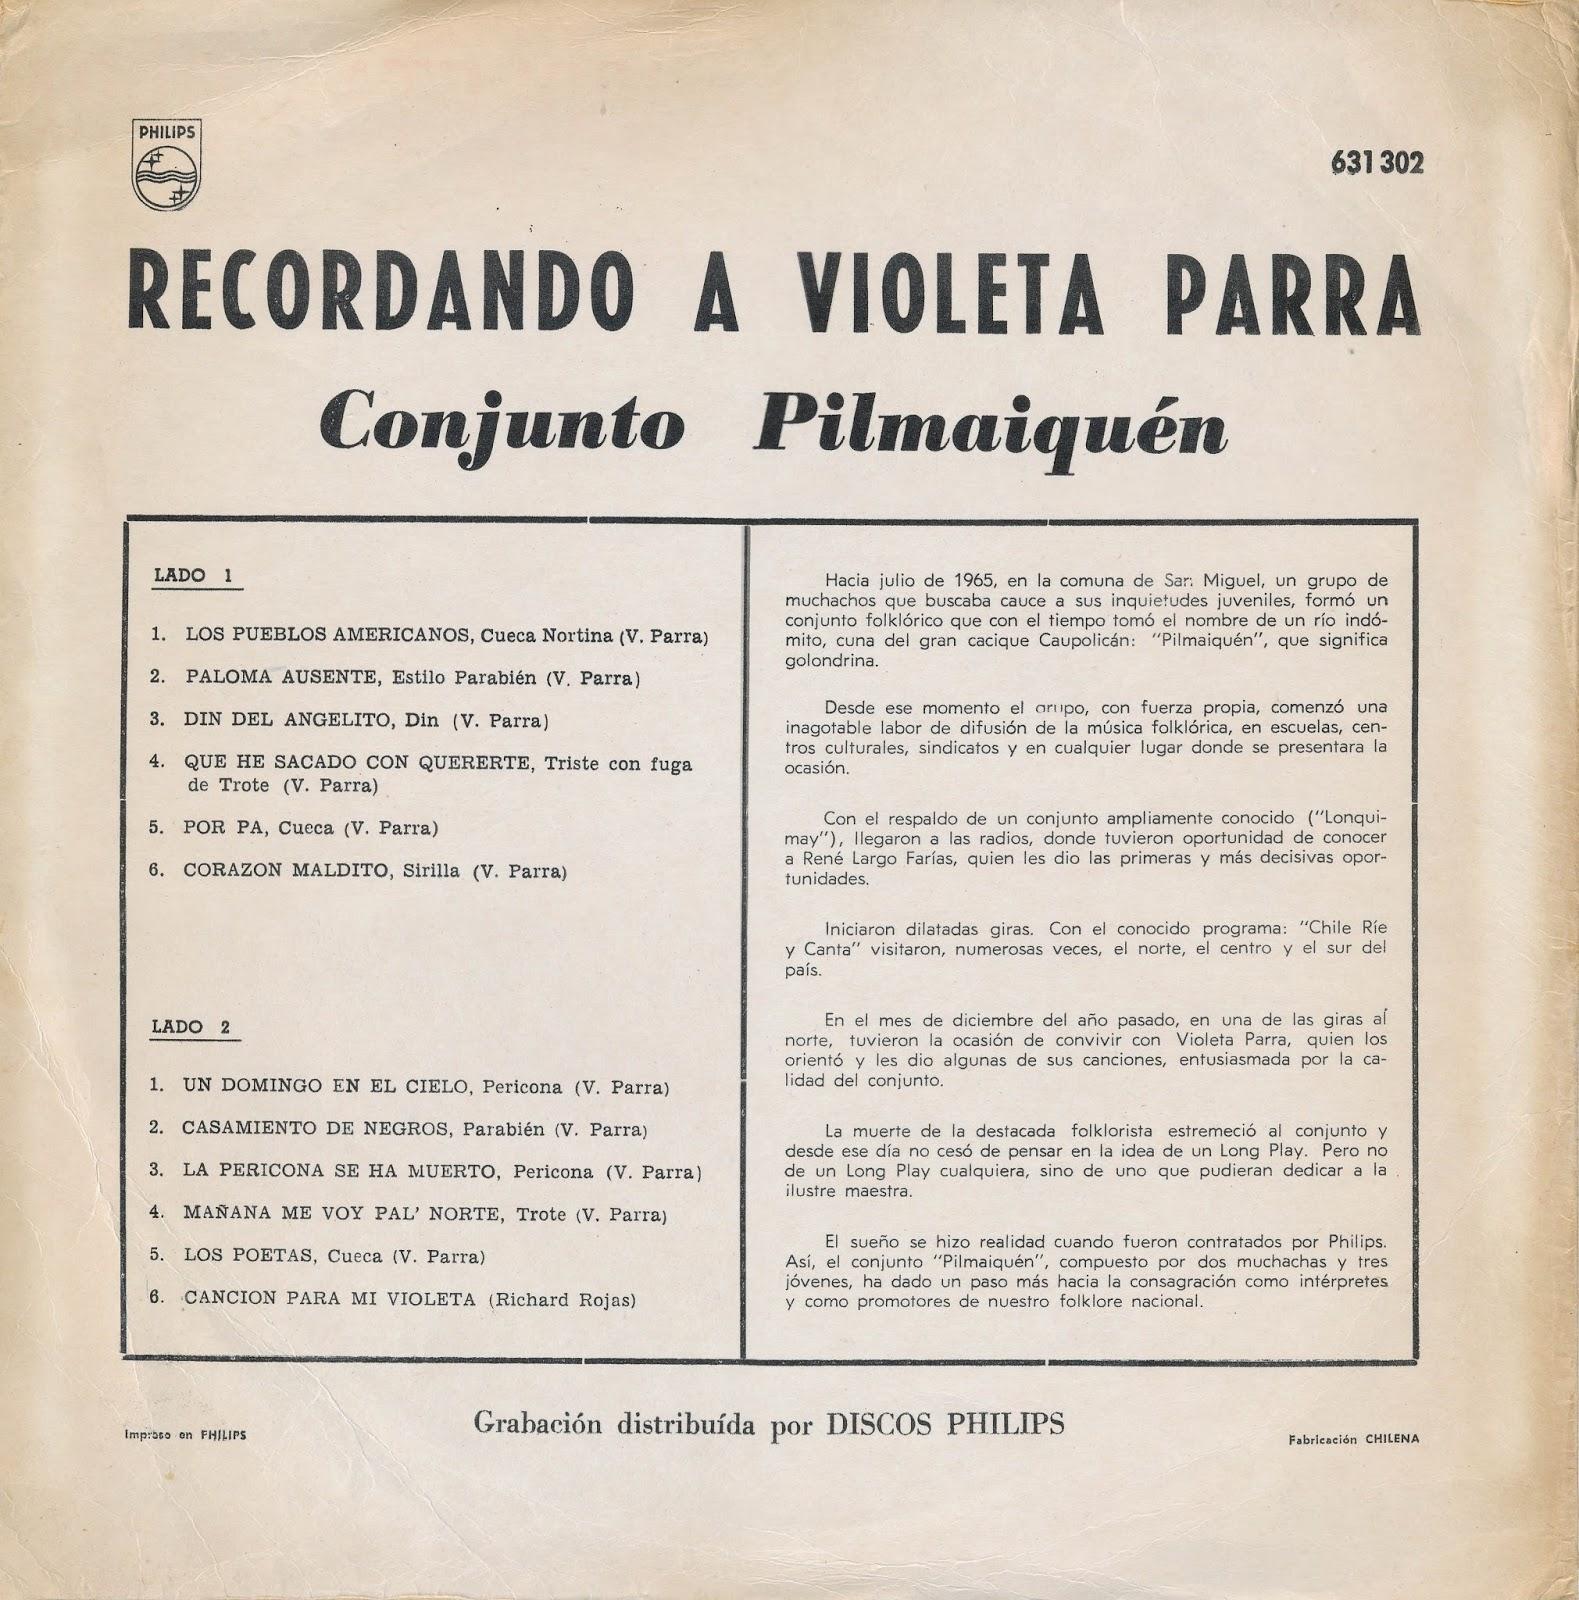 Conjunto Pilmaiquén - Recordando A Violeta Parra